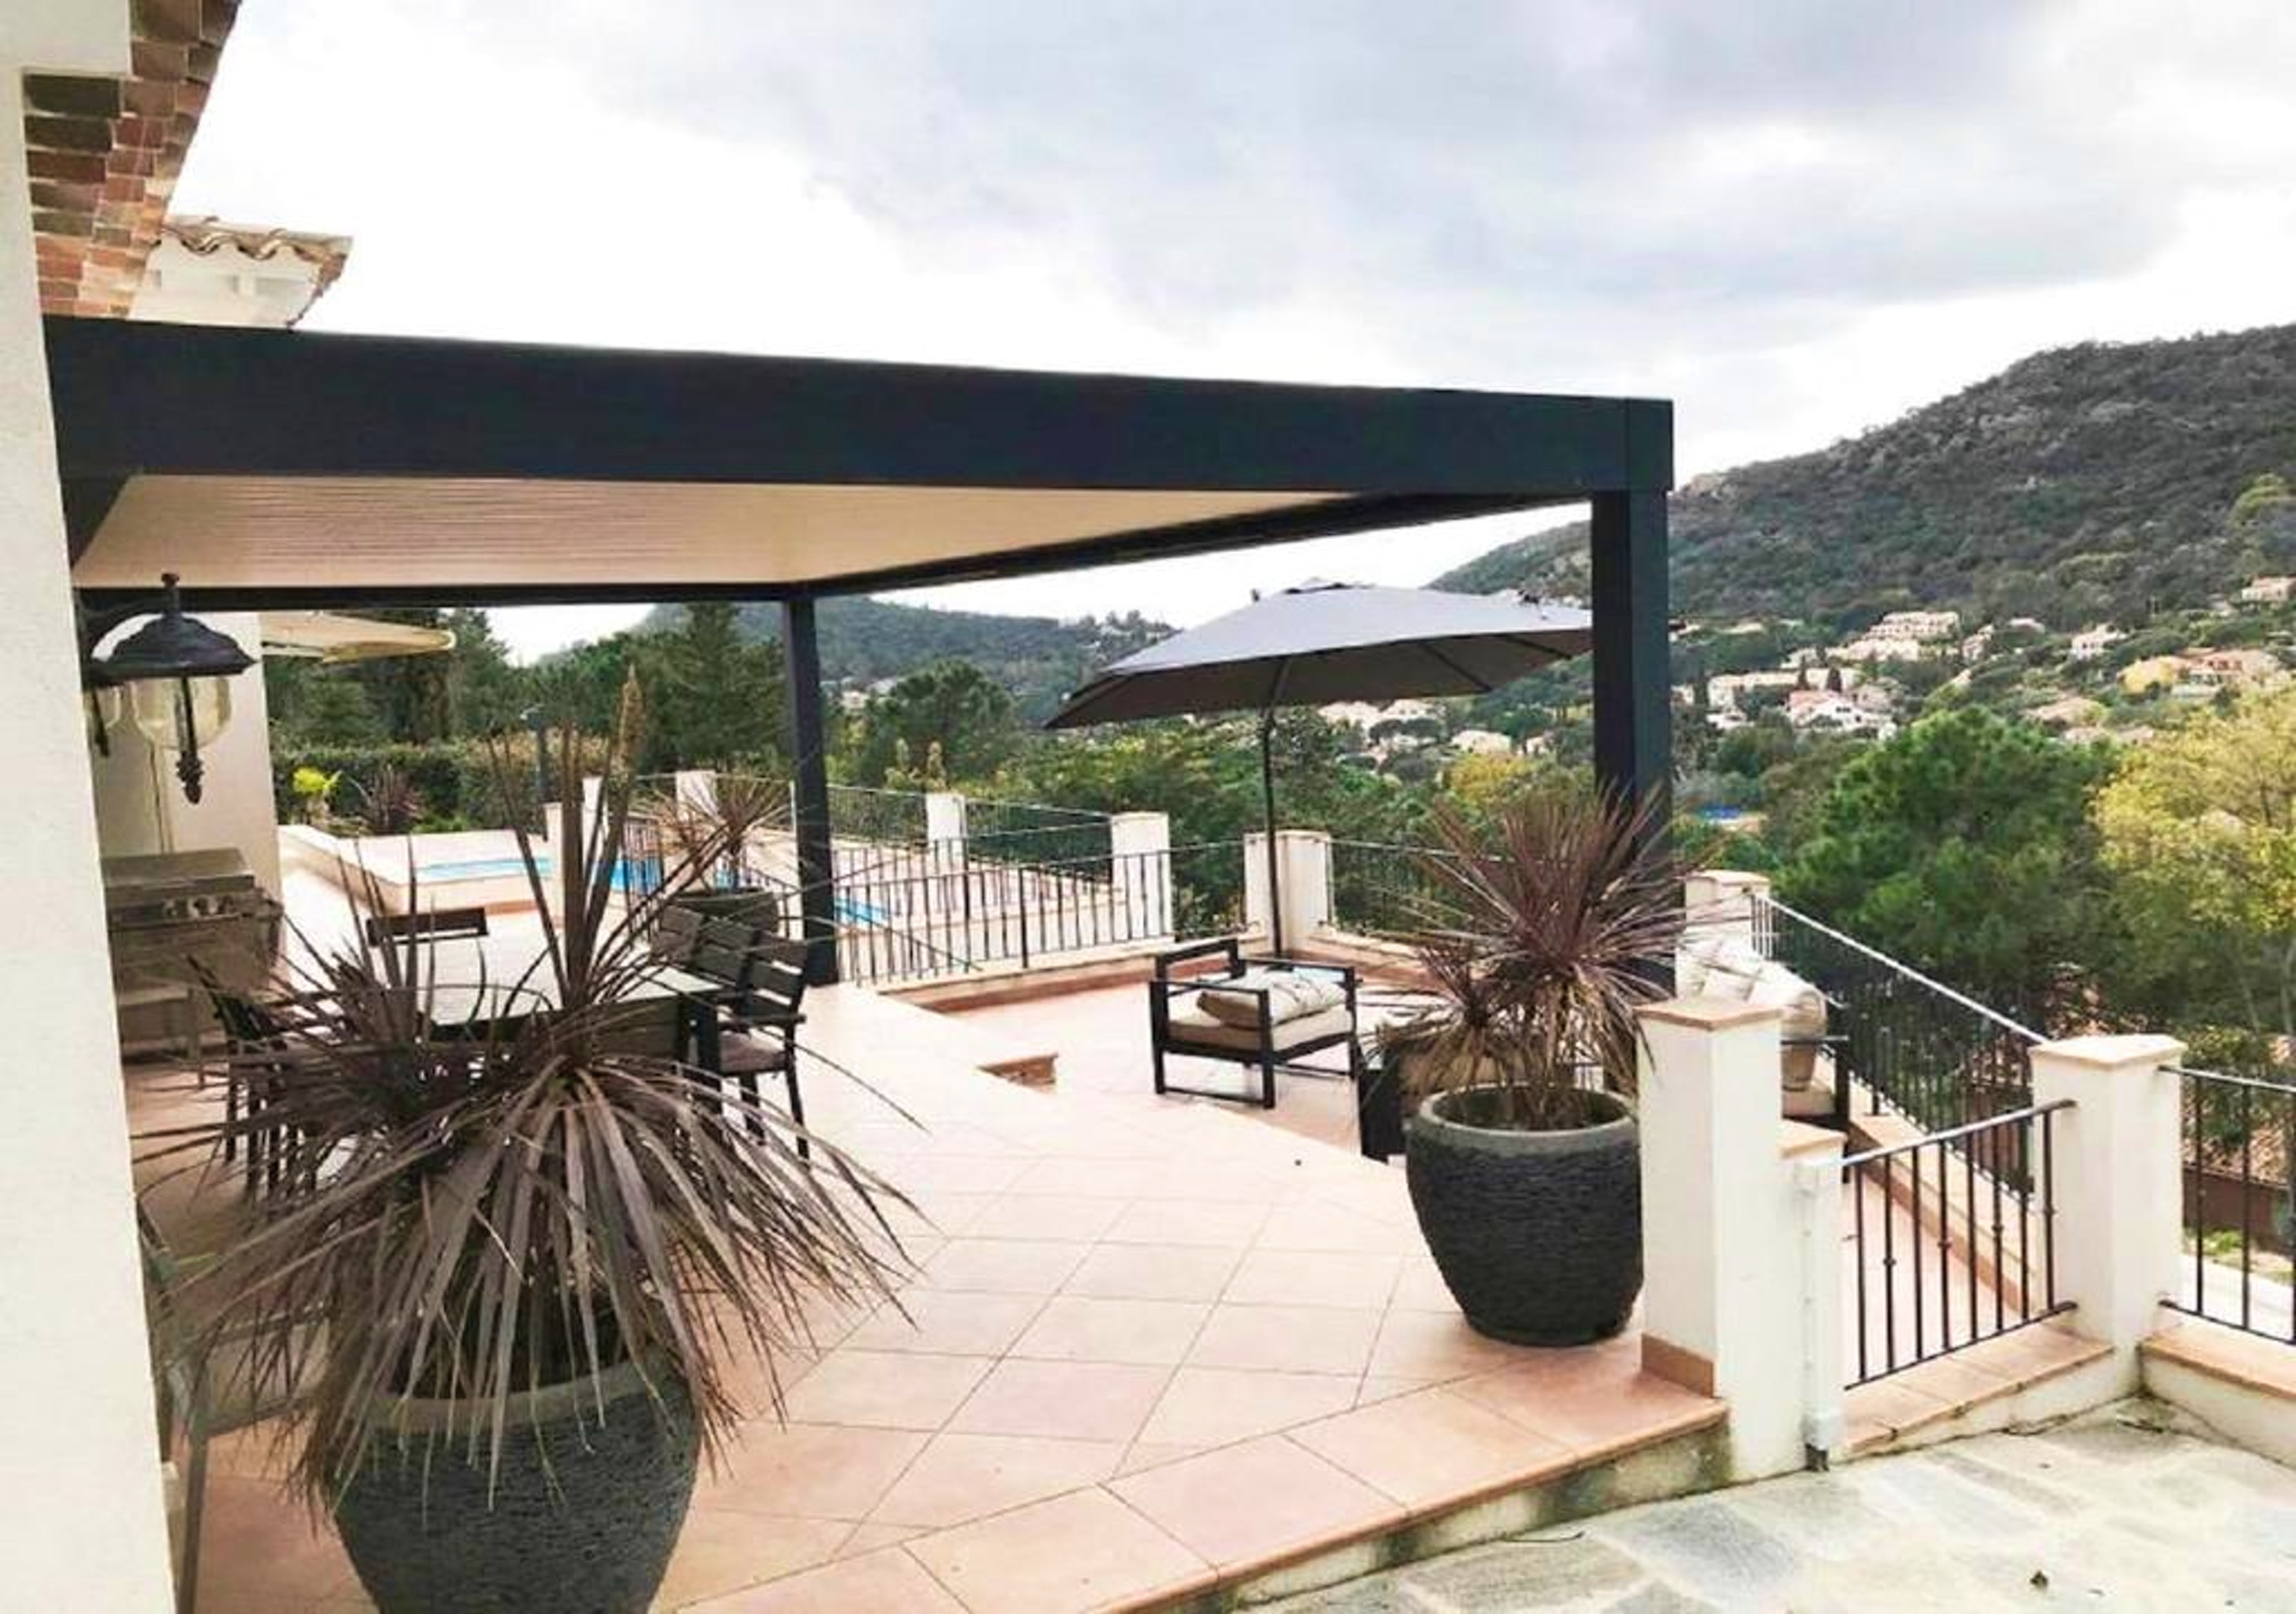 Maison de vacances Villa mit 5 Schlafzimmern in Rayol-Canadel-sur-Mer mit toller Aussicht auf die Berge, priv (2201555), Le Lavandou, Côte d'Azur, Provence - Alpes - Côte d'Azur, France, image 46